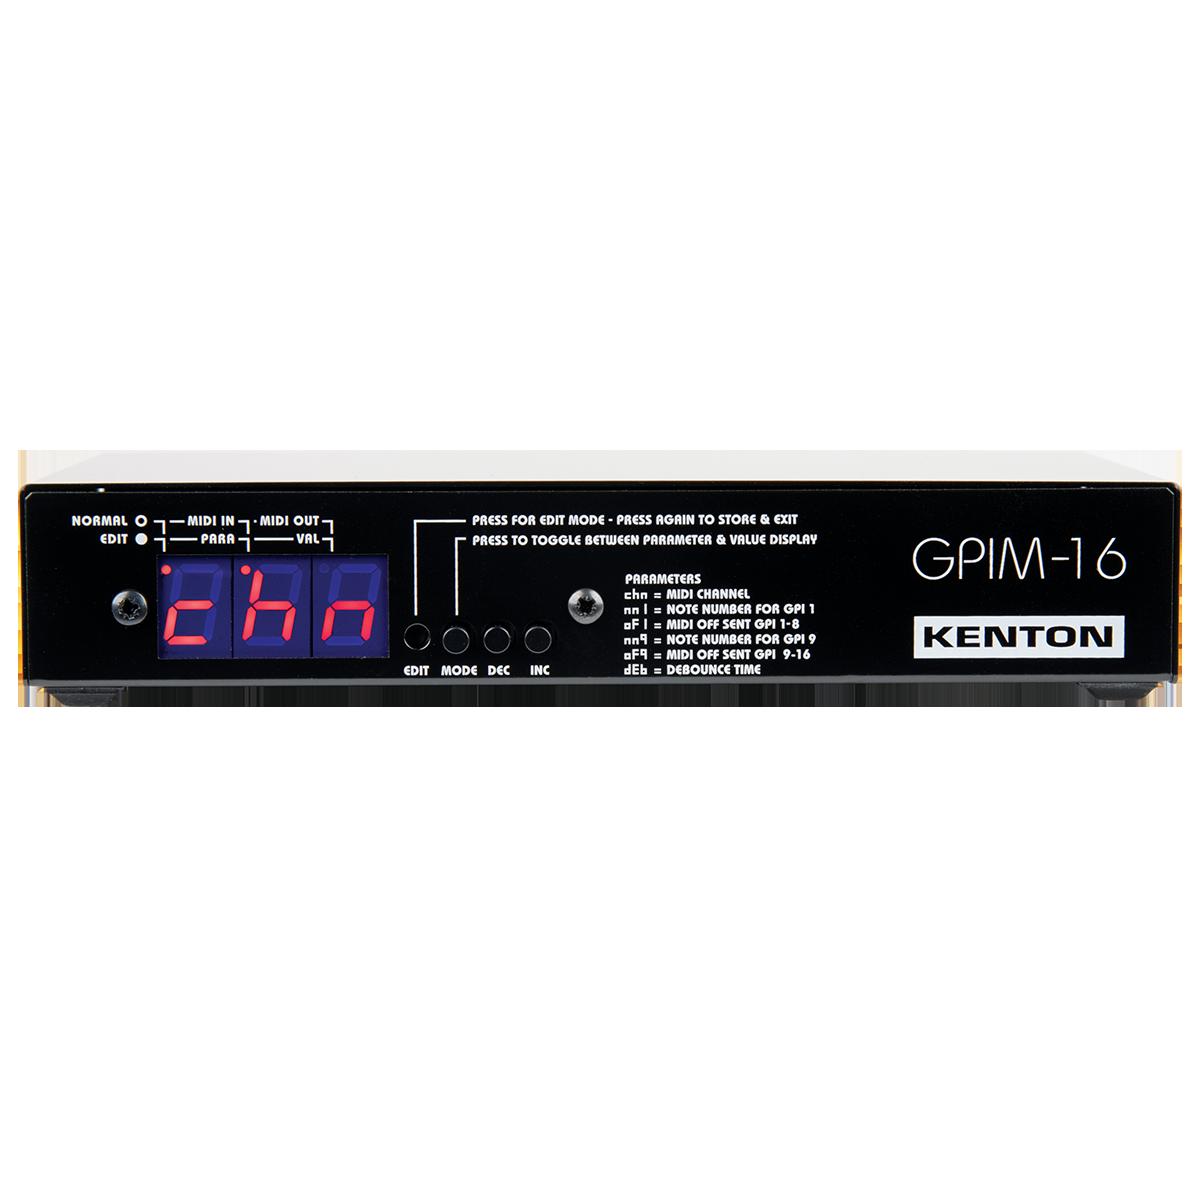 GPIM-16 Main